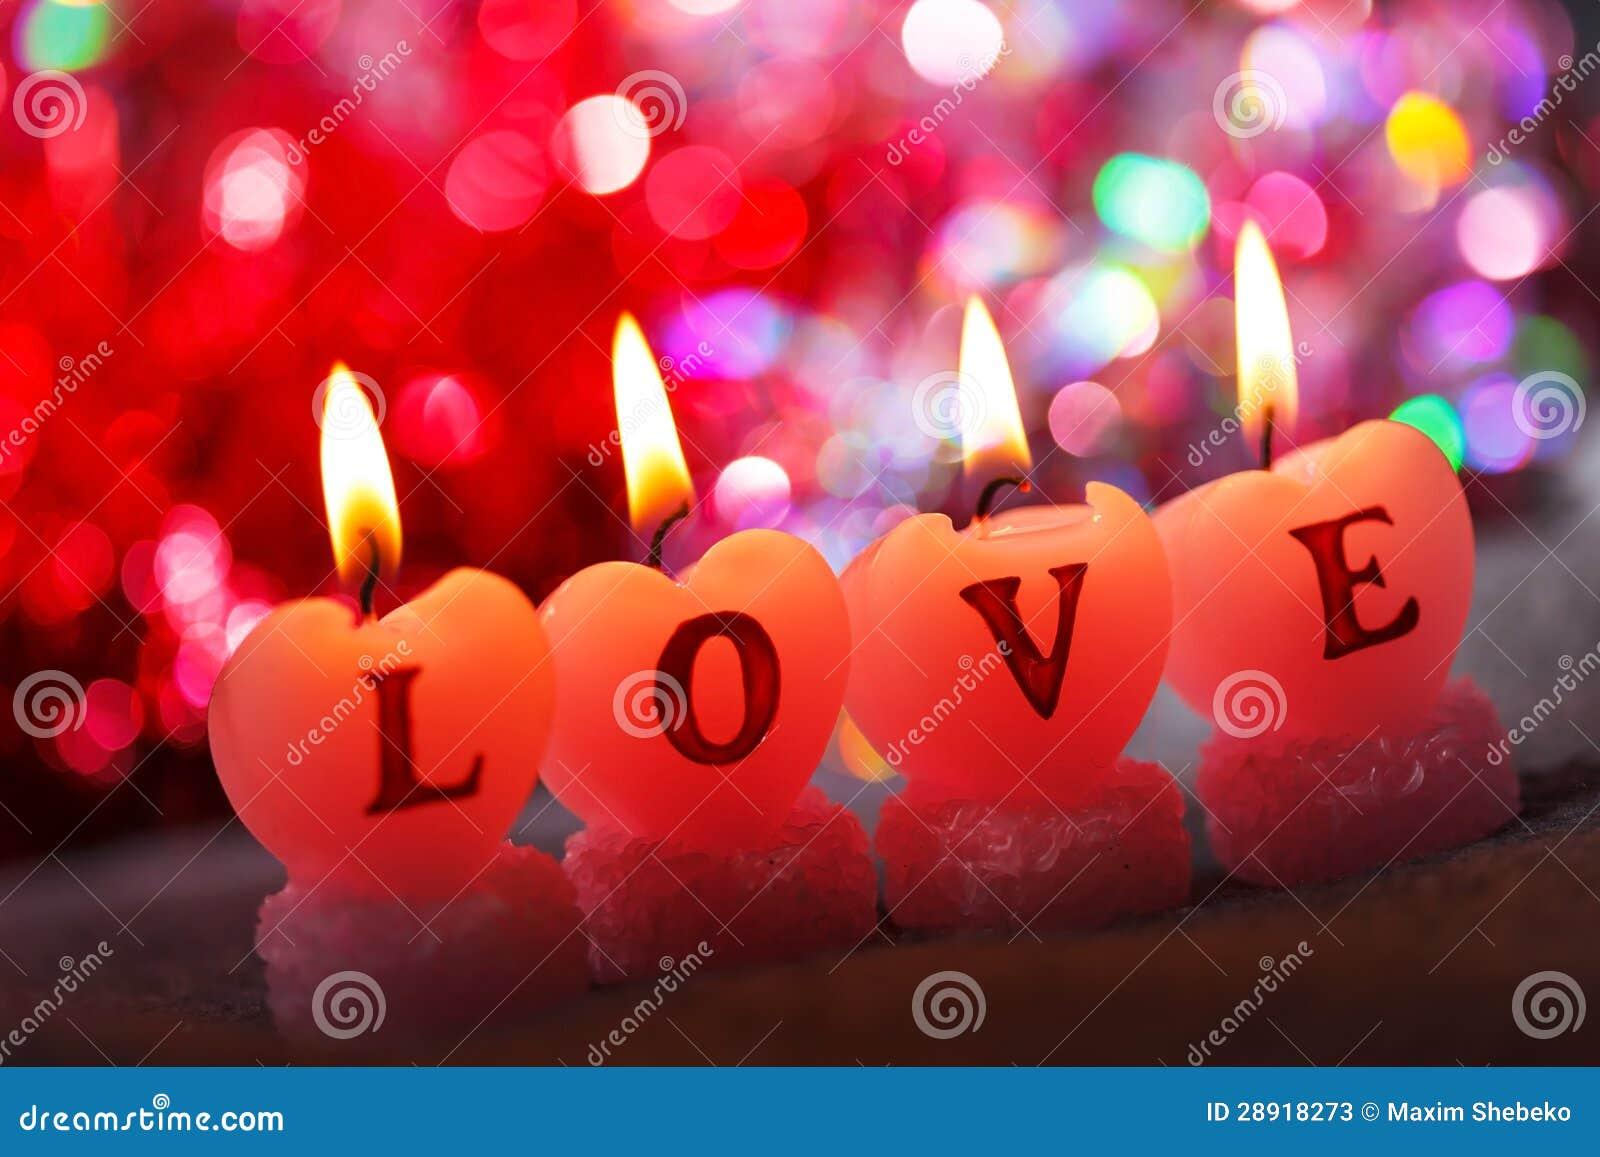 Candele Romantiche Fotografie Stock - Immagine: 28918273